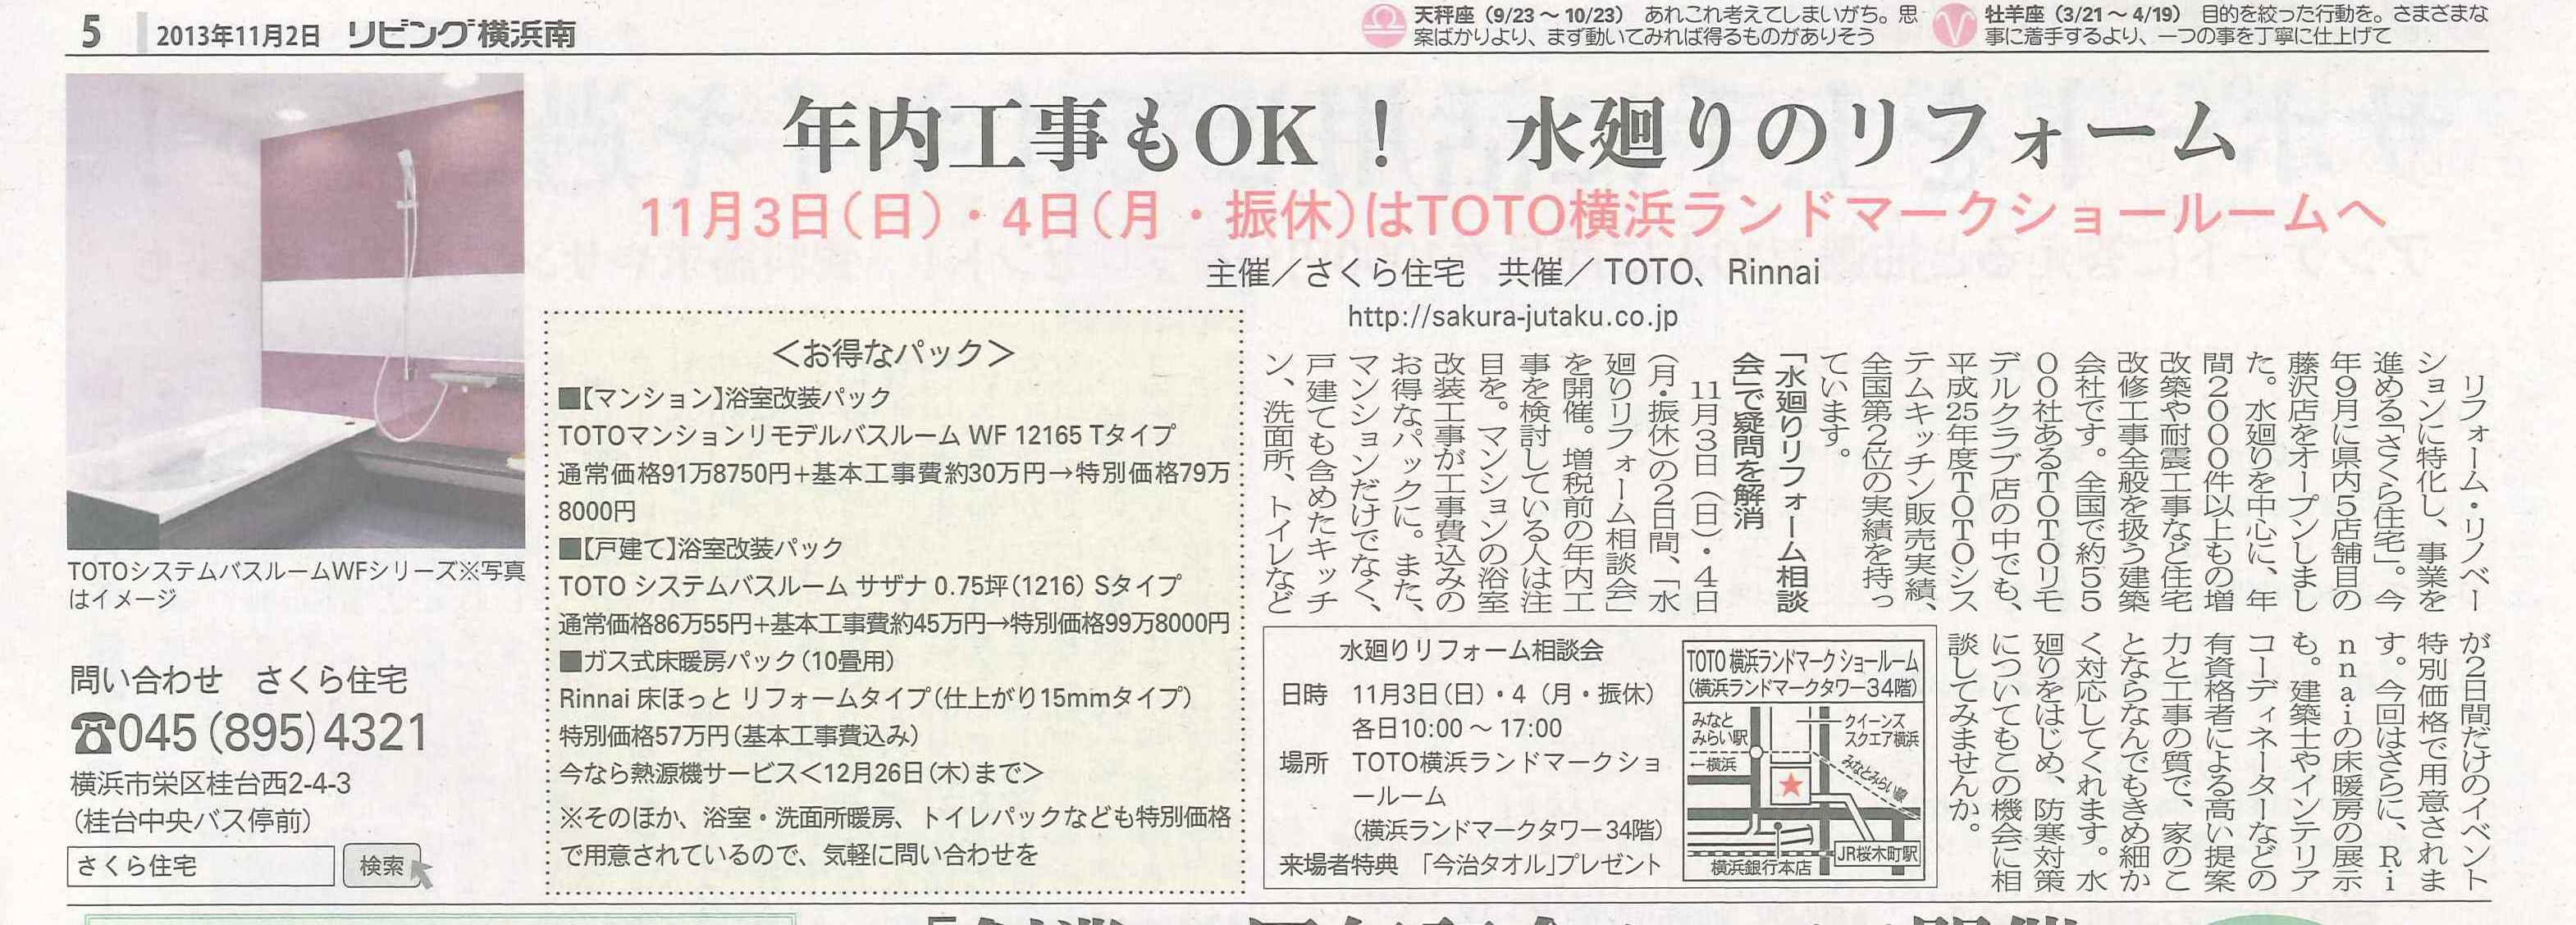 TOTOランドマークショールーム リフォーム相談会_e0190287_1035628.jpg